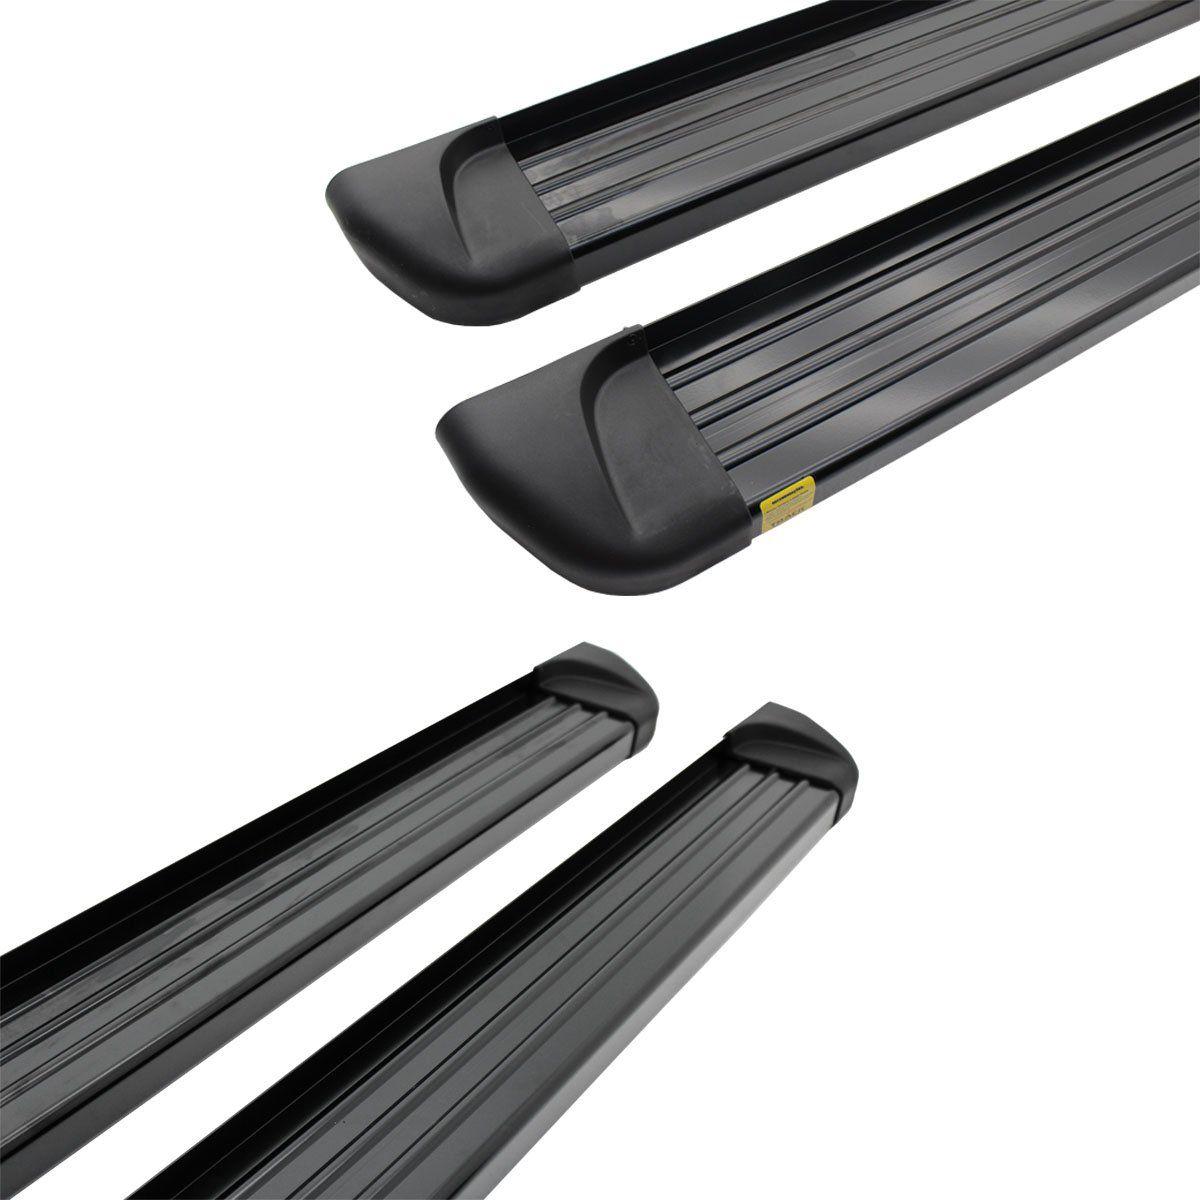 Estribo plataforma alumínio preto L200 Triton Sport 2017 a 2020 e L200 Triton Outdoor 2021